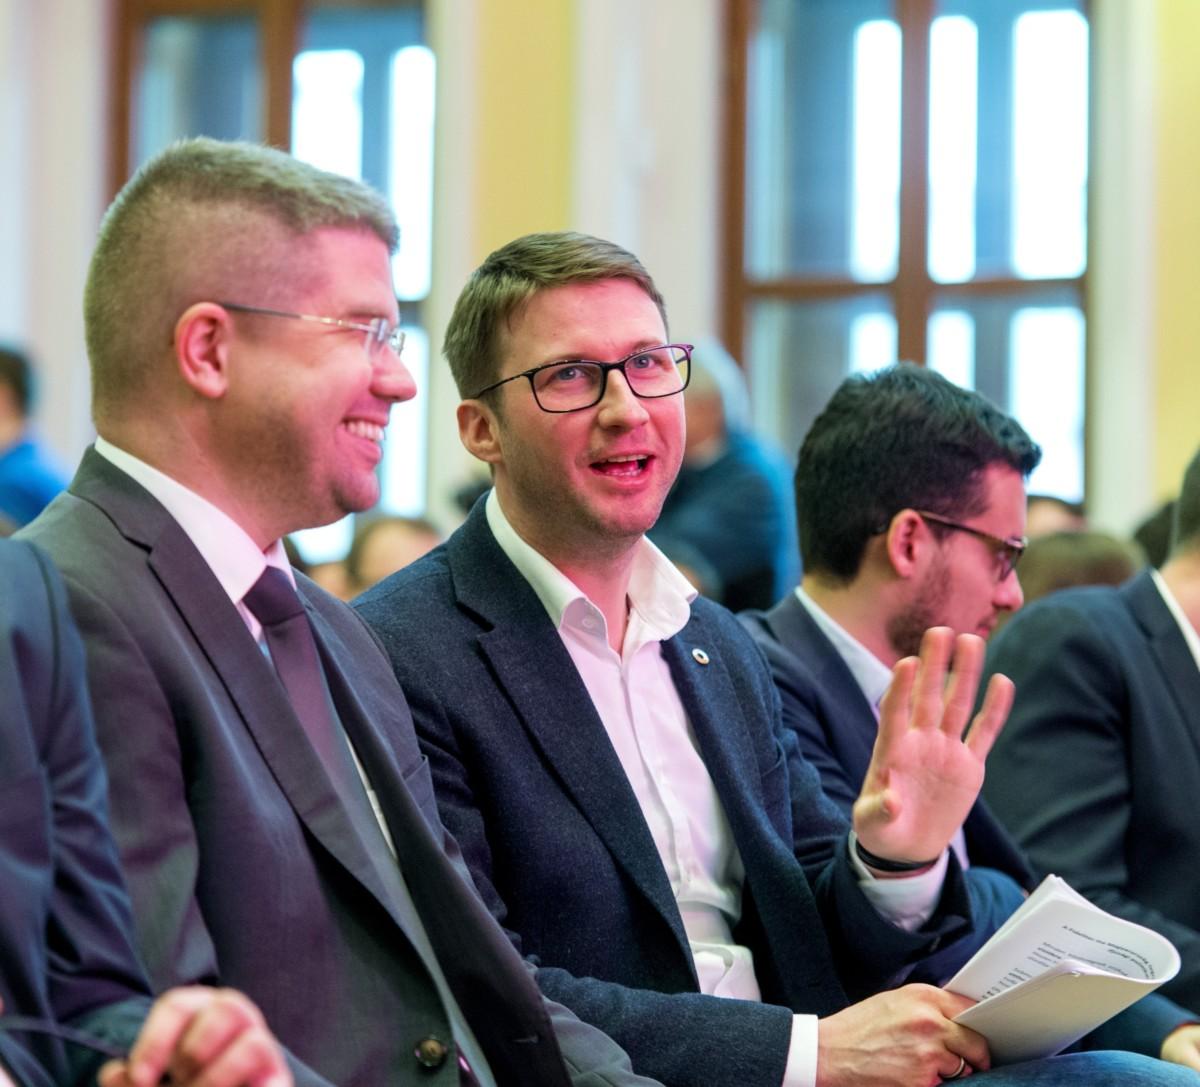 Ágh Péter, a Fidelitas korábbi elnöke (b) és Böröcz László, a szervezet jelenlegi elnöke, fideszes országgyűlési képviselők a Fidelitas kongresszusán a soproni Liszt Ferenc Konferencia és Kulturális Központban 2018. október 27-én.